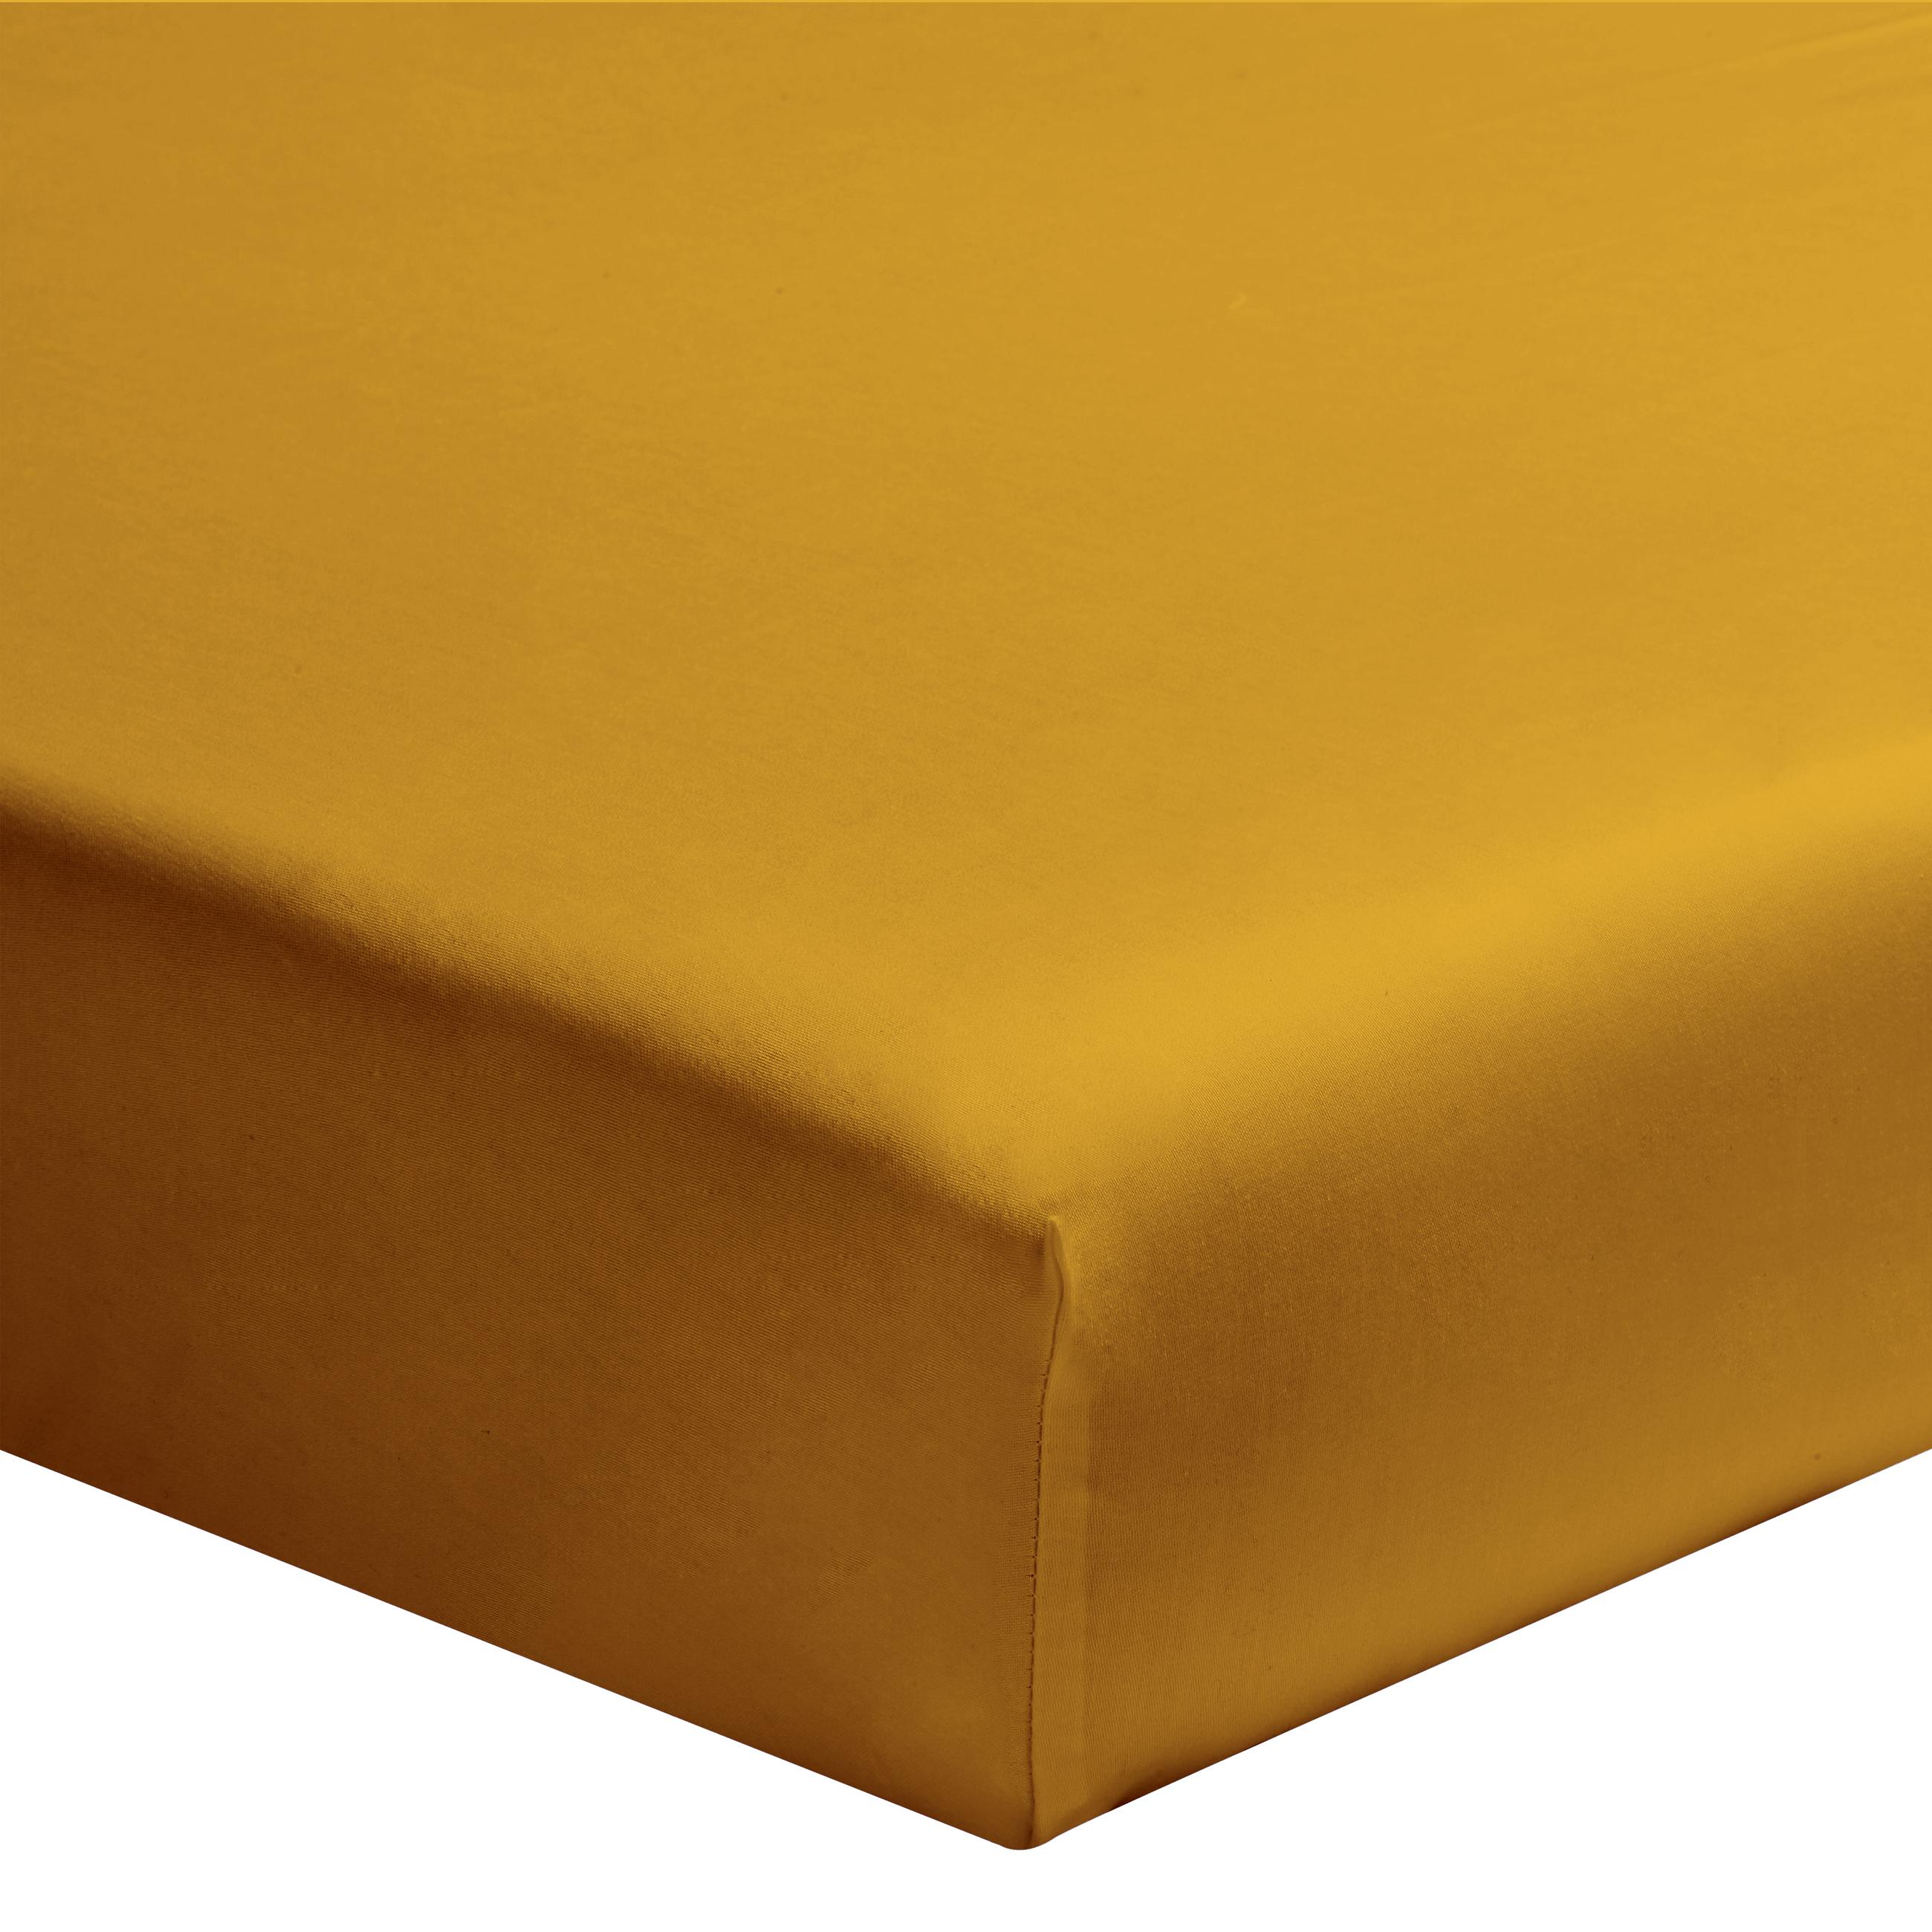 Drap housse uni en coton jaune curry 160x200